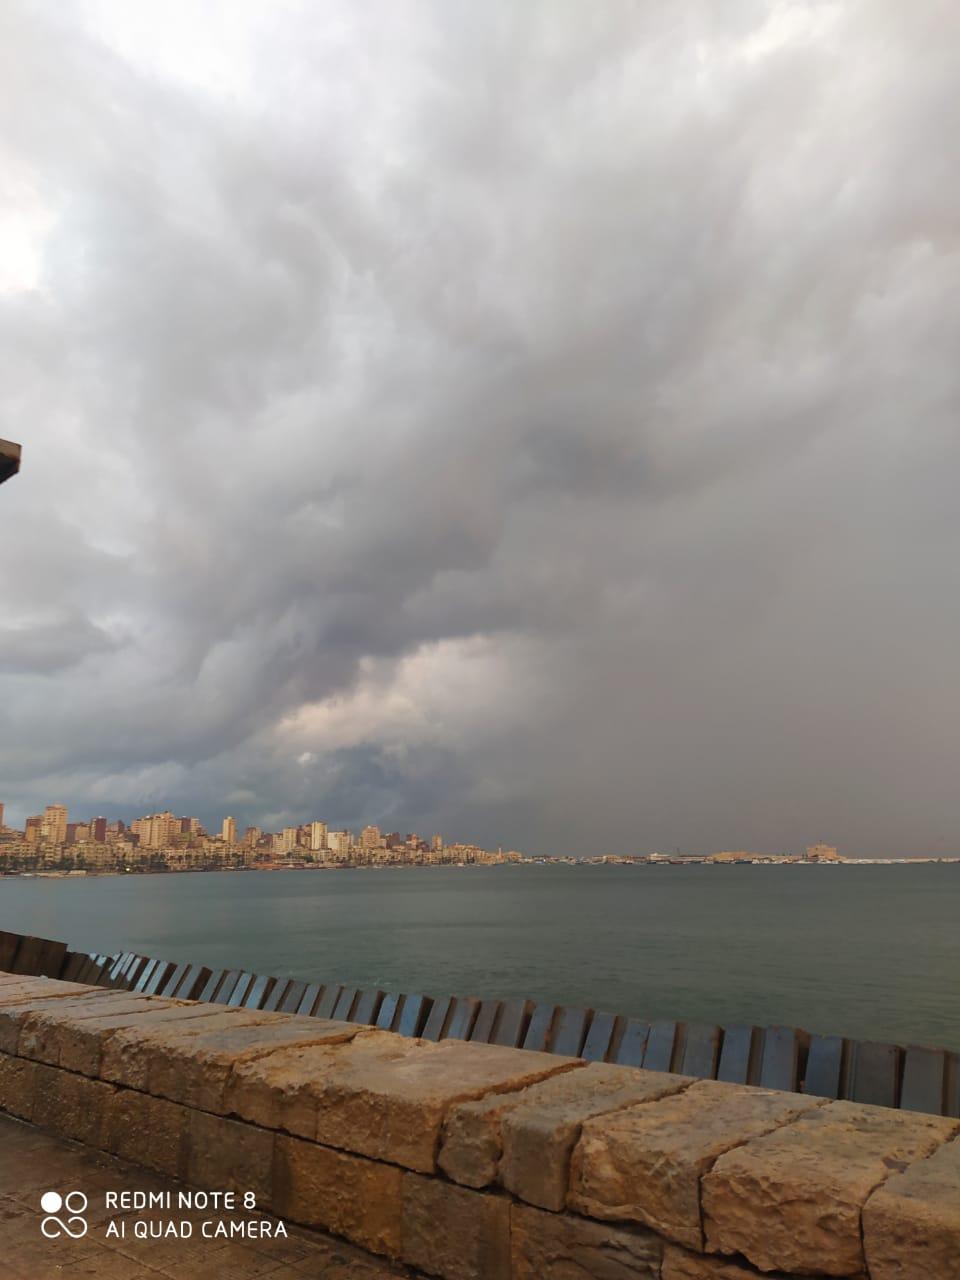 ملخص منخفض 20 نوفمبر 2020 على مدينة الاسكندرية